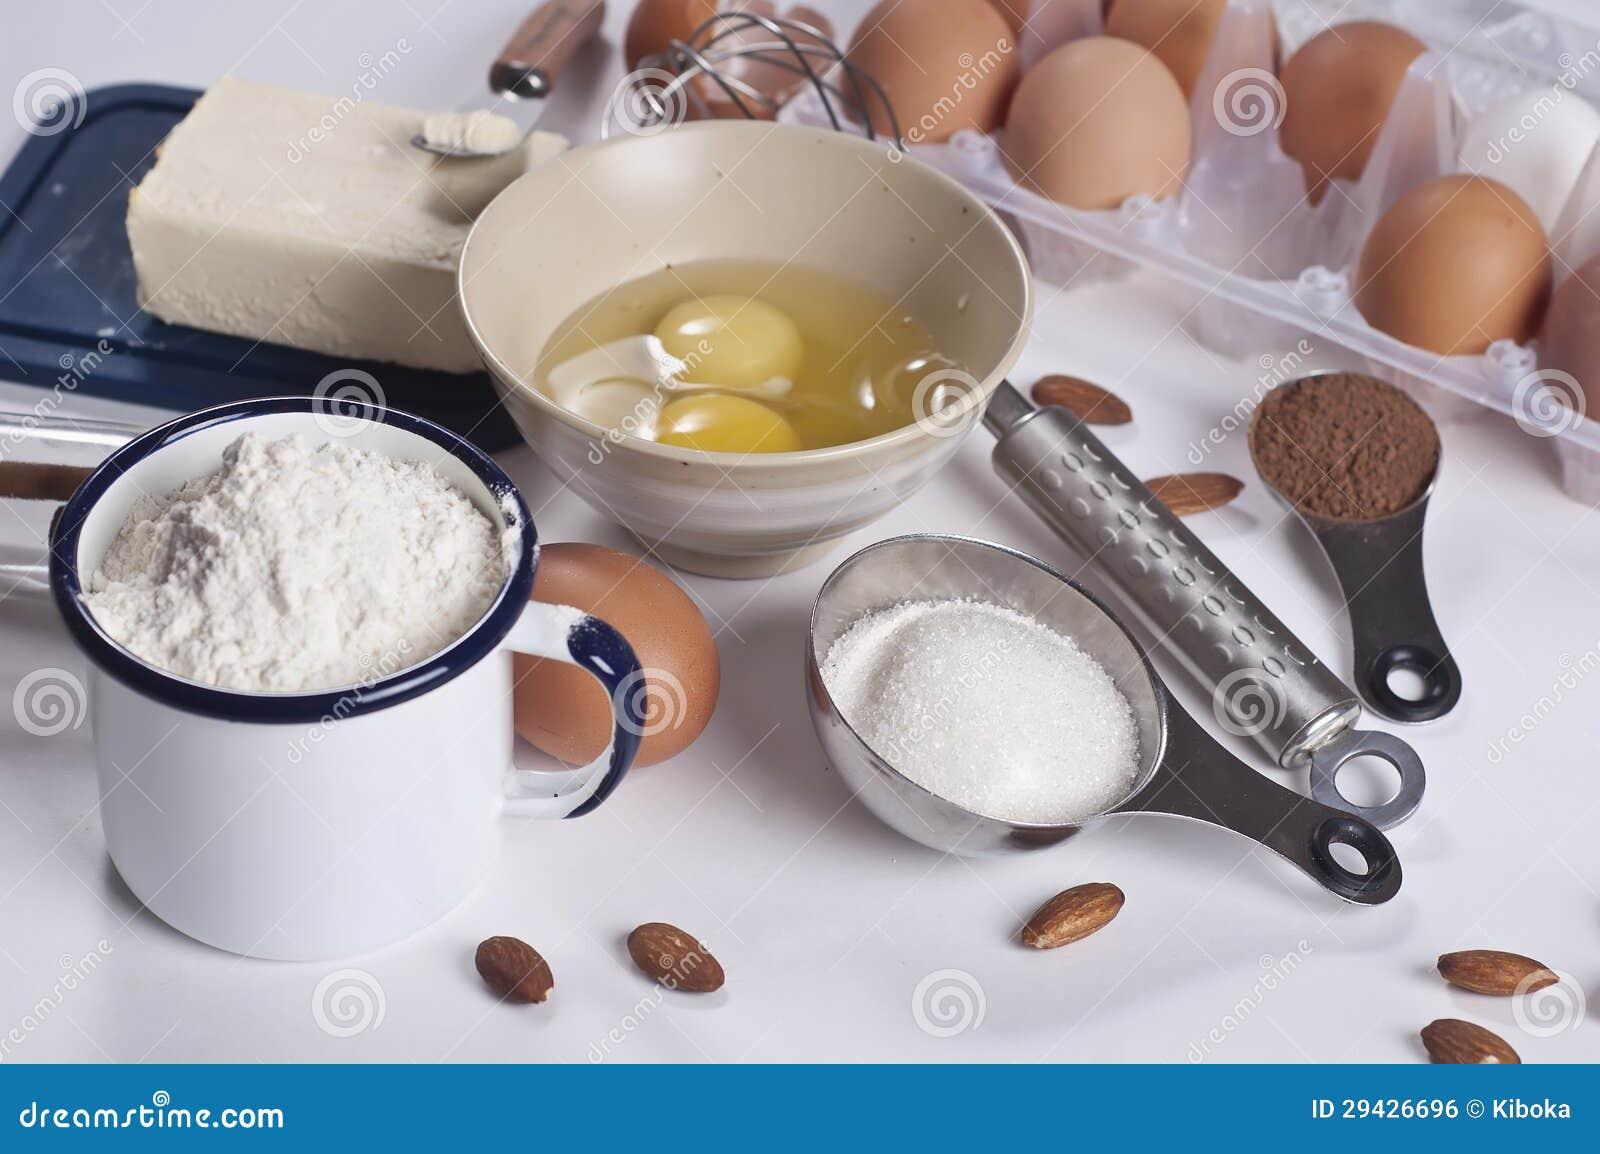 Ingrediente de la panader a imagen de archivo libre de - Ingredientes reposteria creativa ...